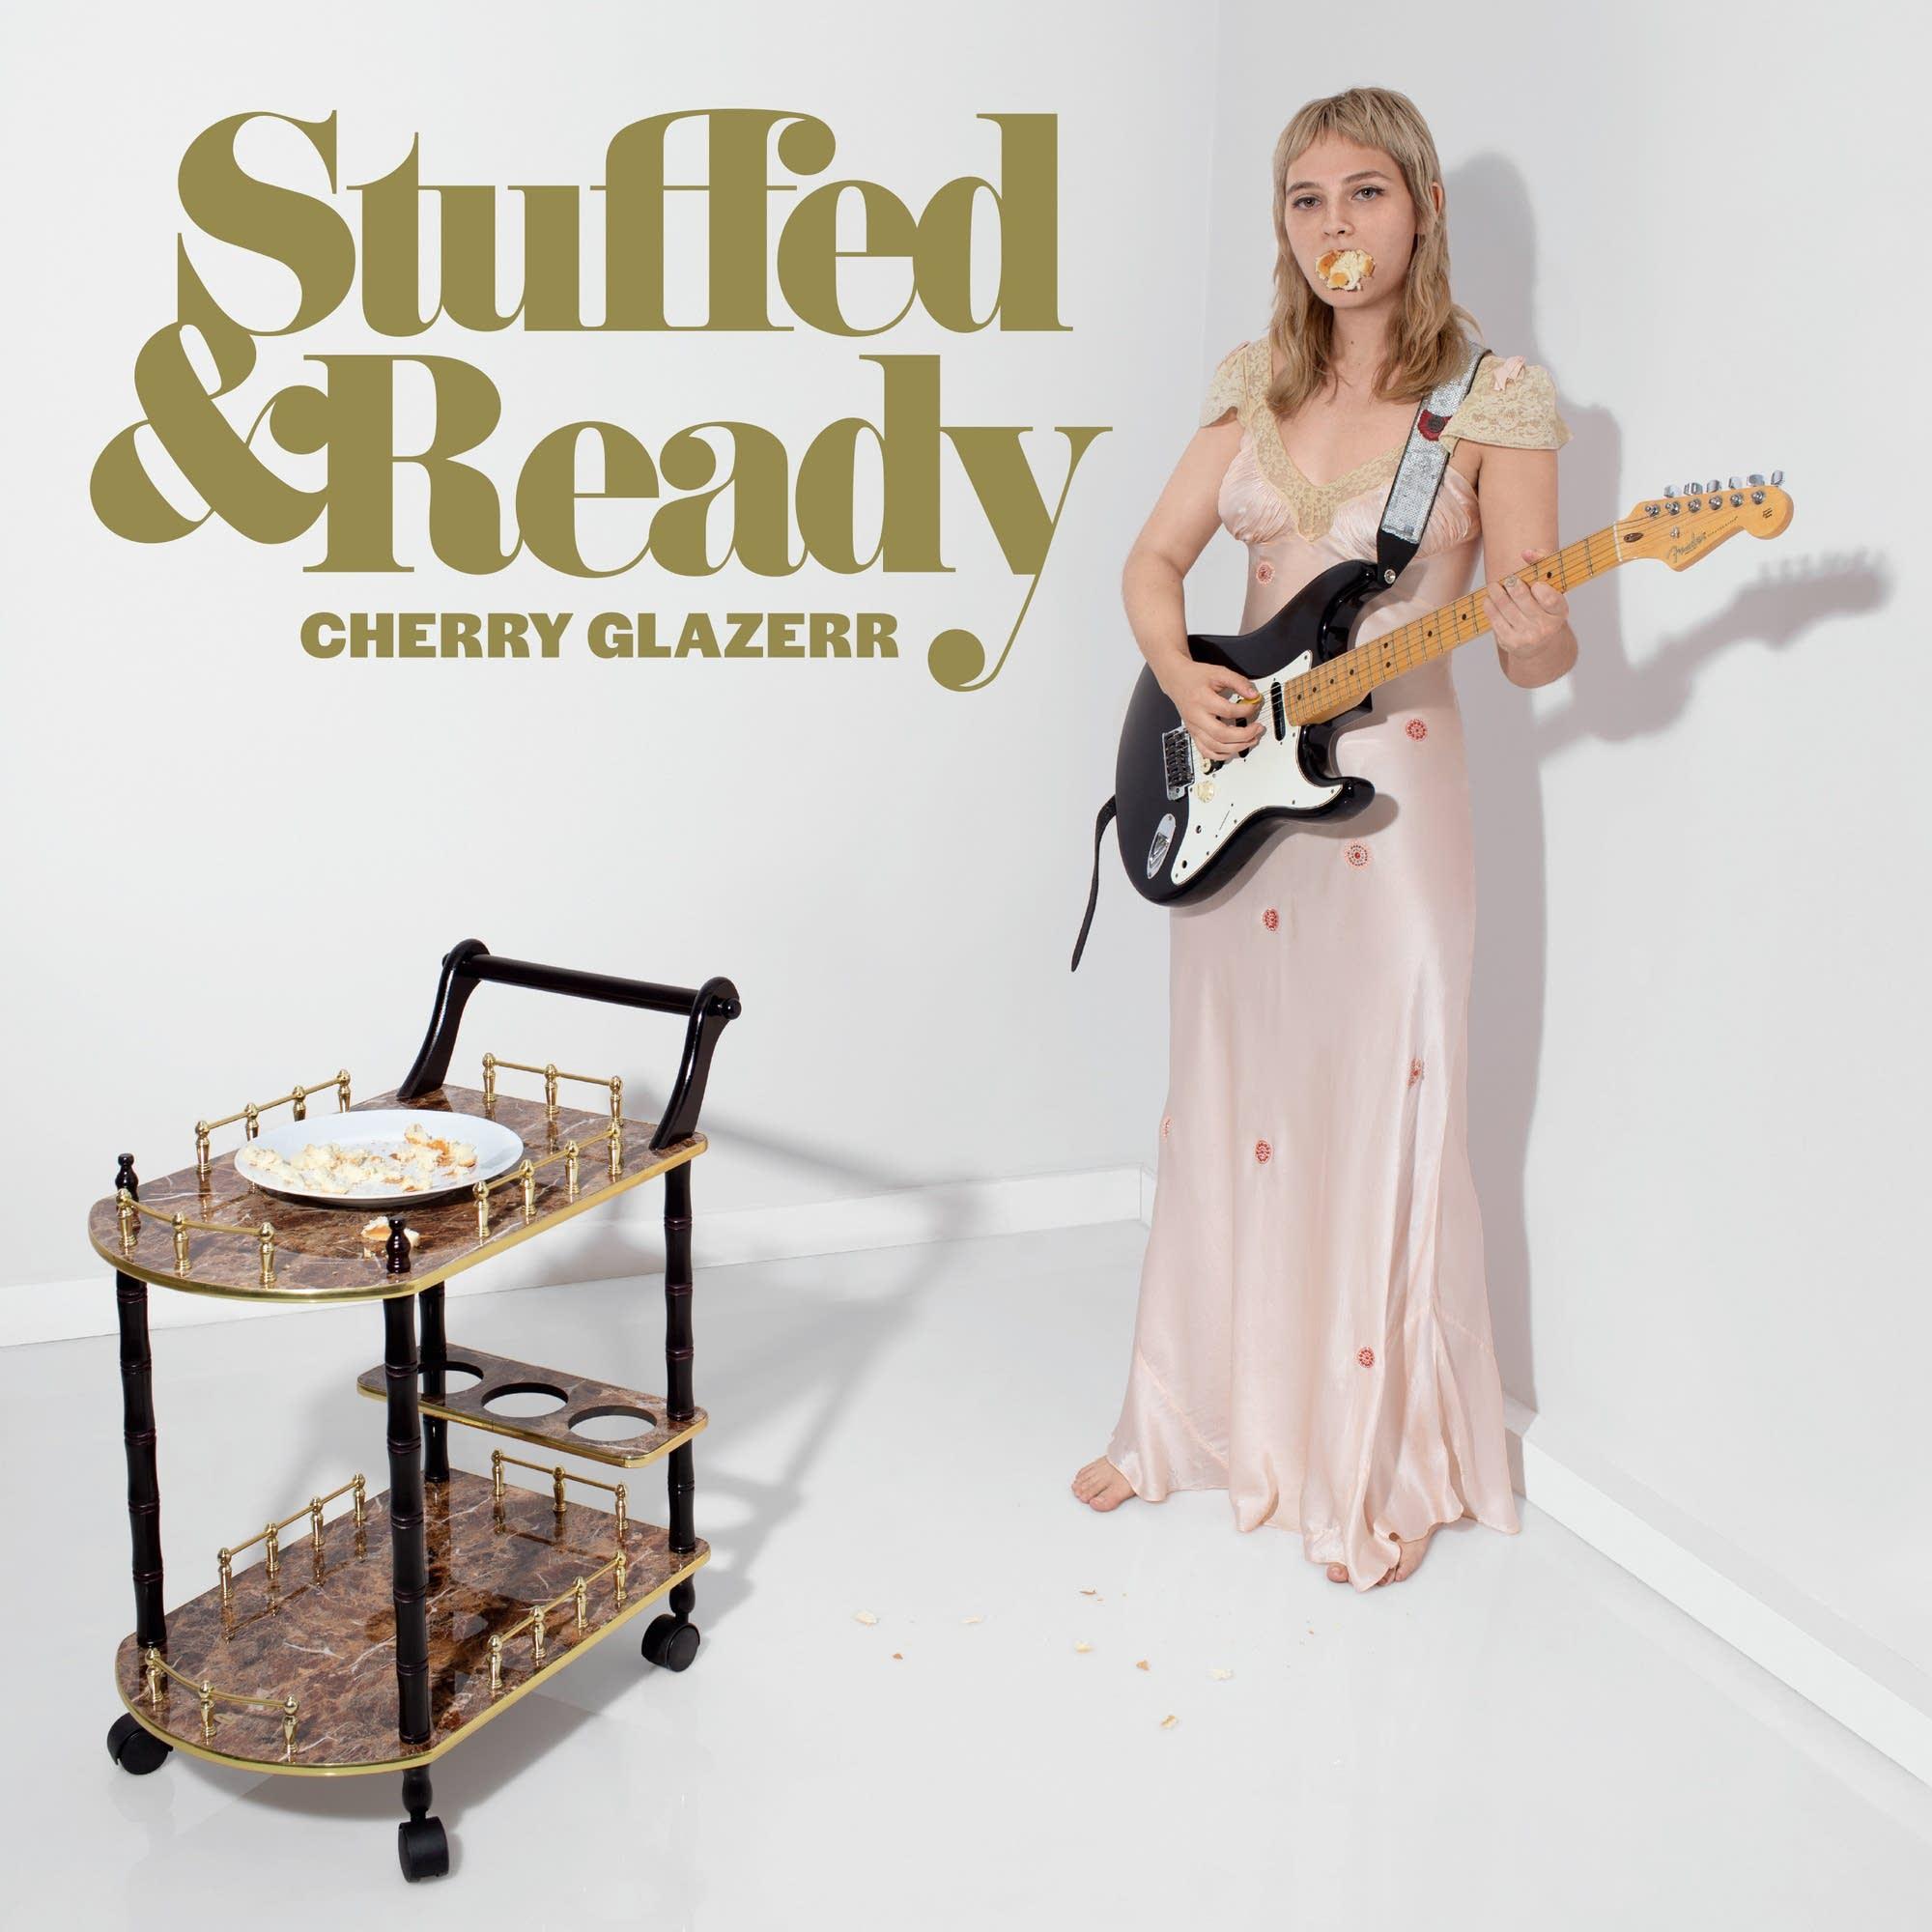 Cherry Glazerr, 'Stuffed & Ready'